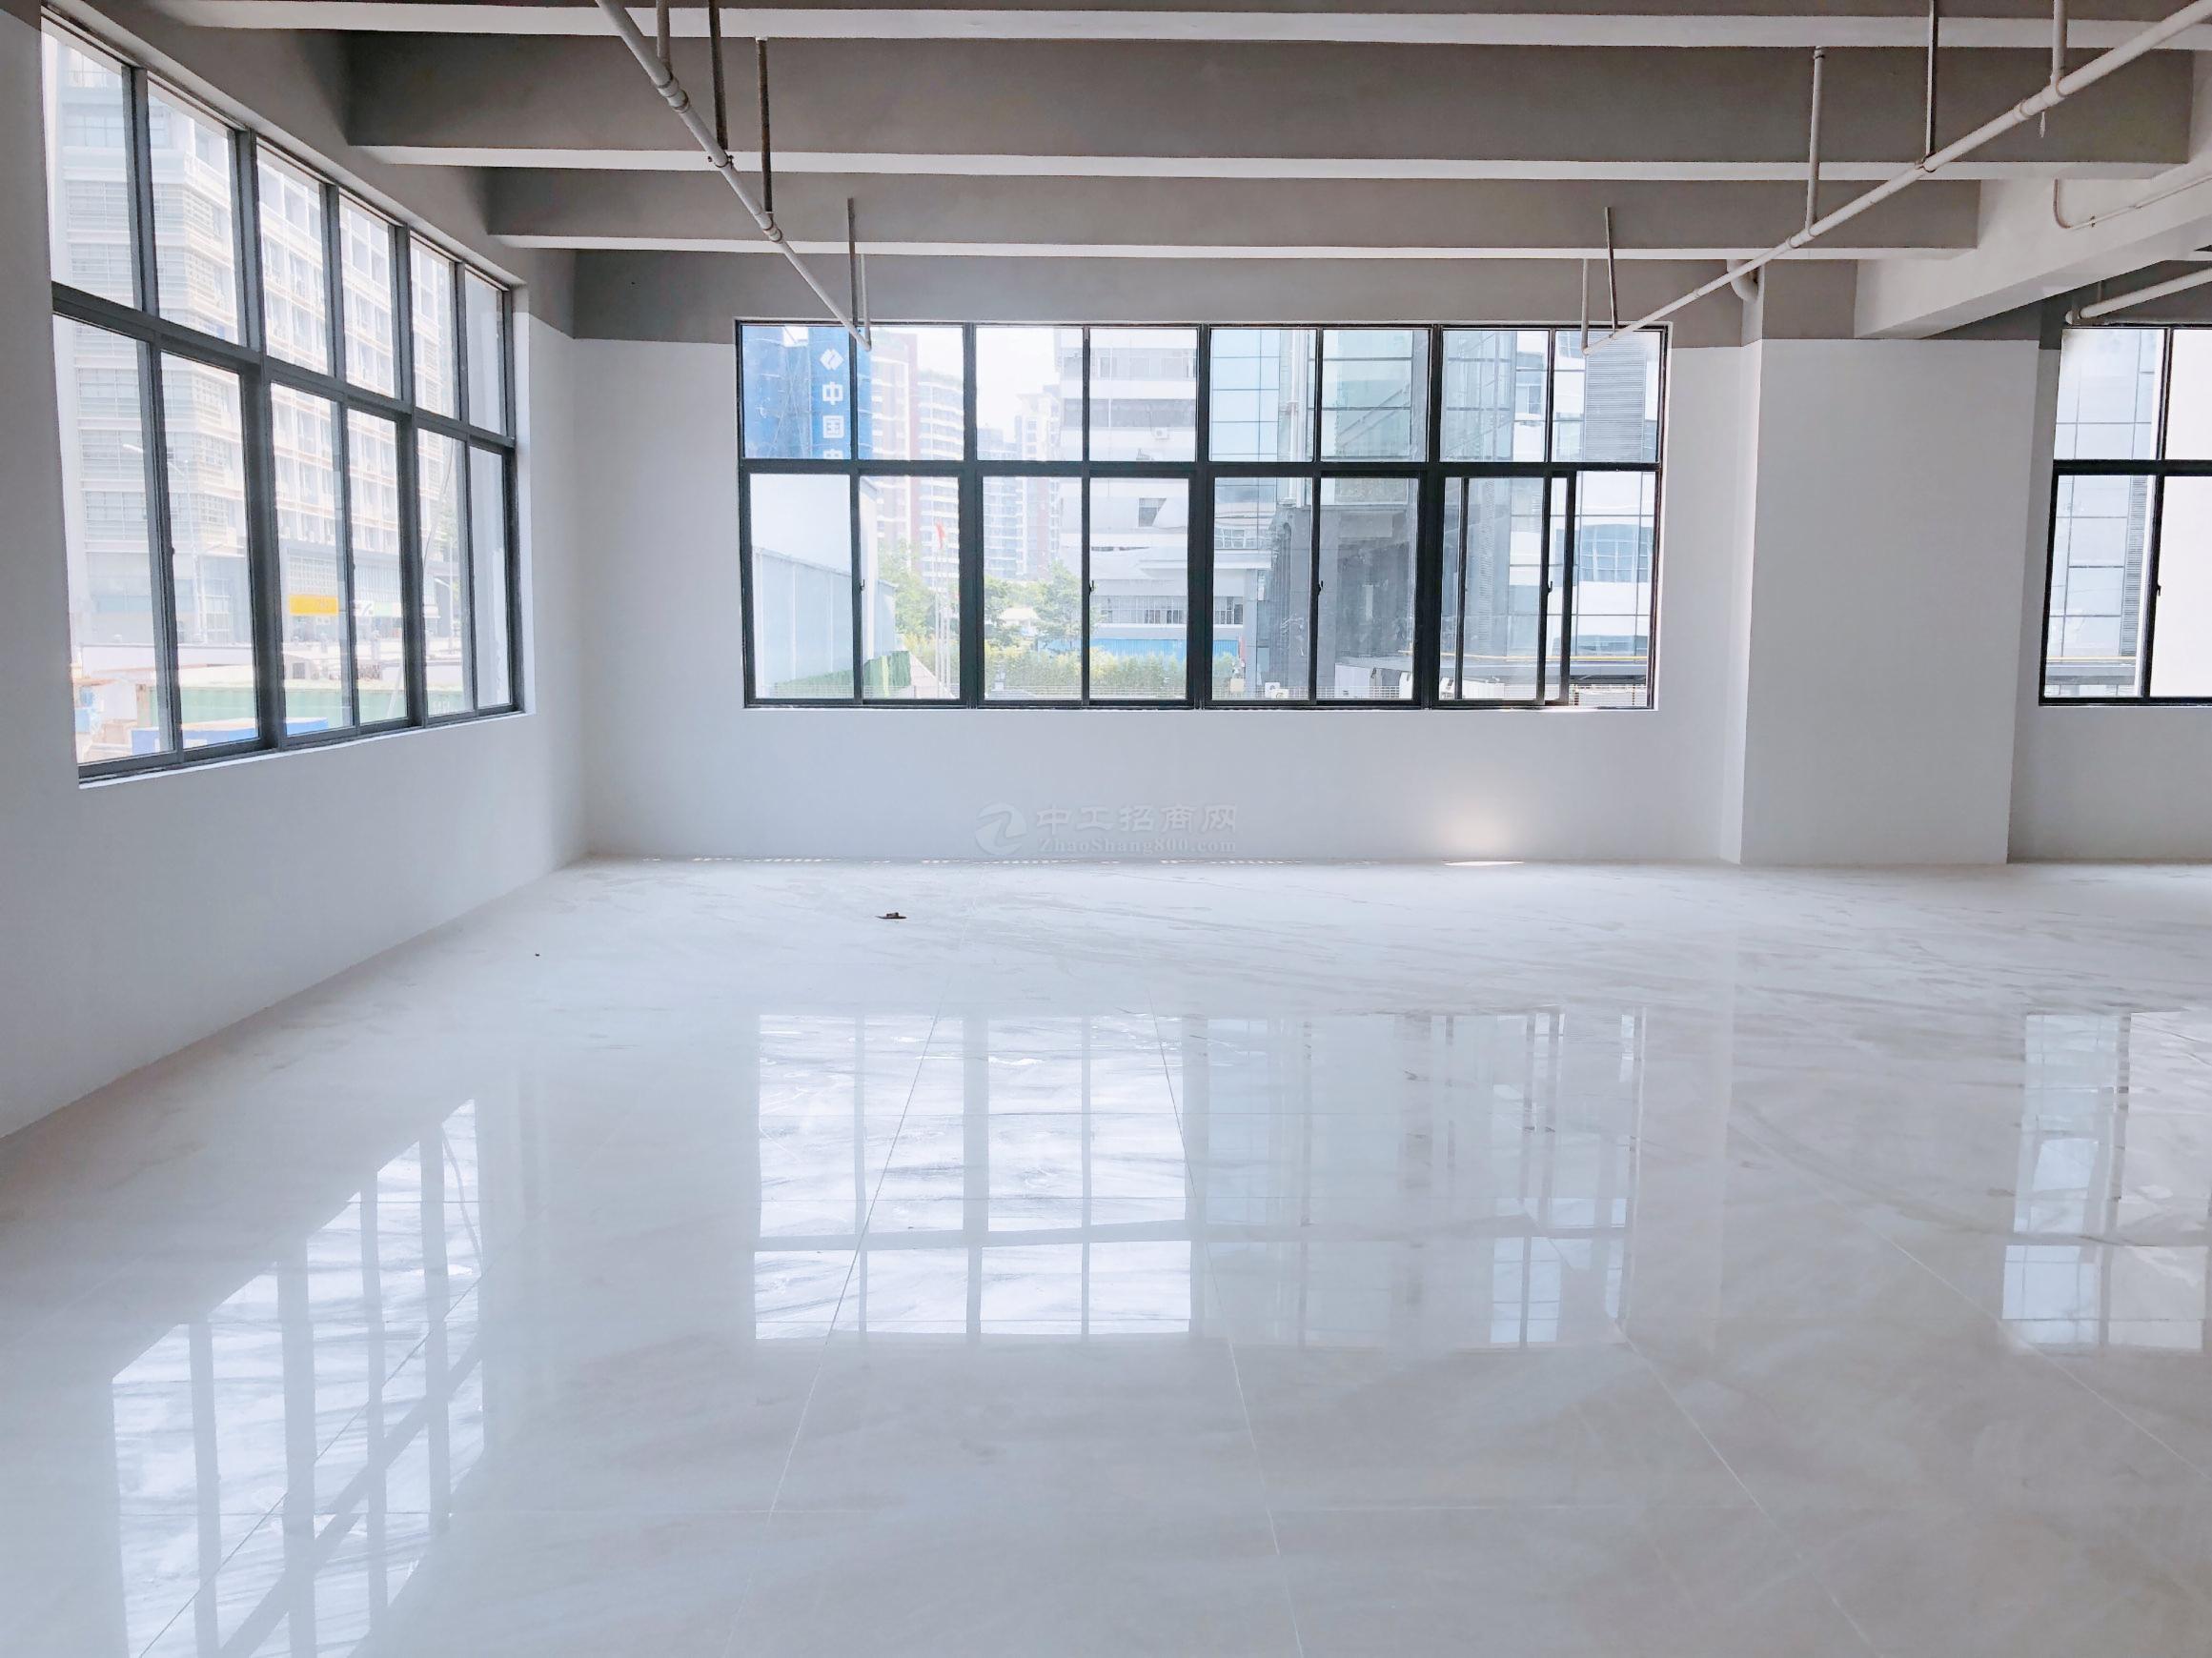 南油服装市场附近1800平米厂房办公室仓库出租可分租